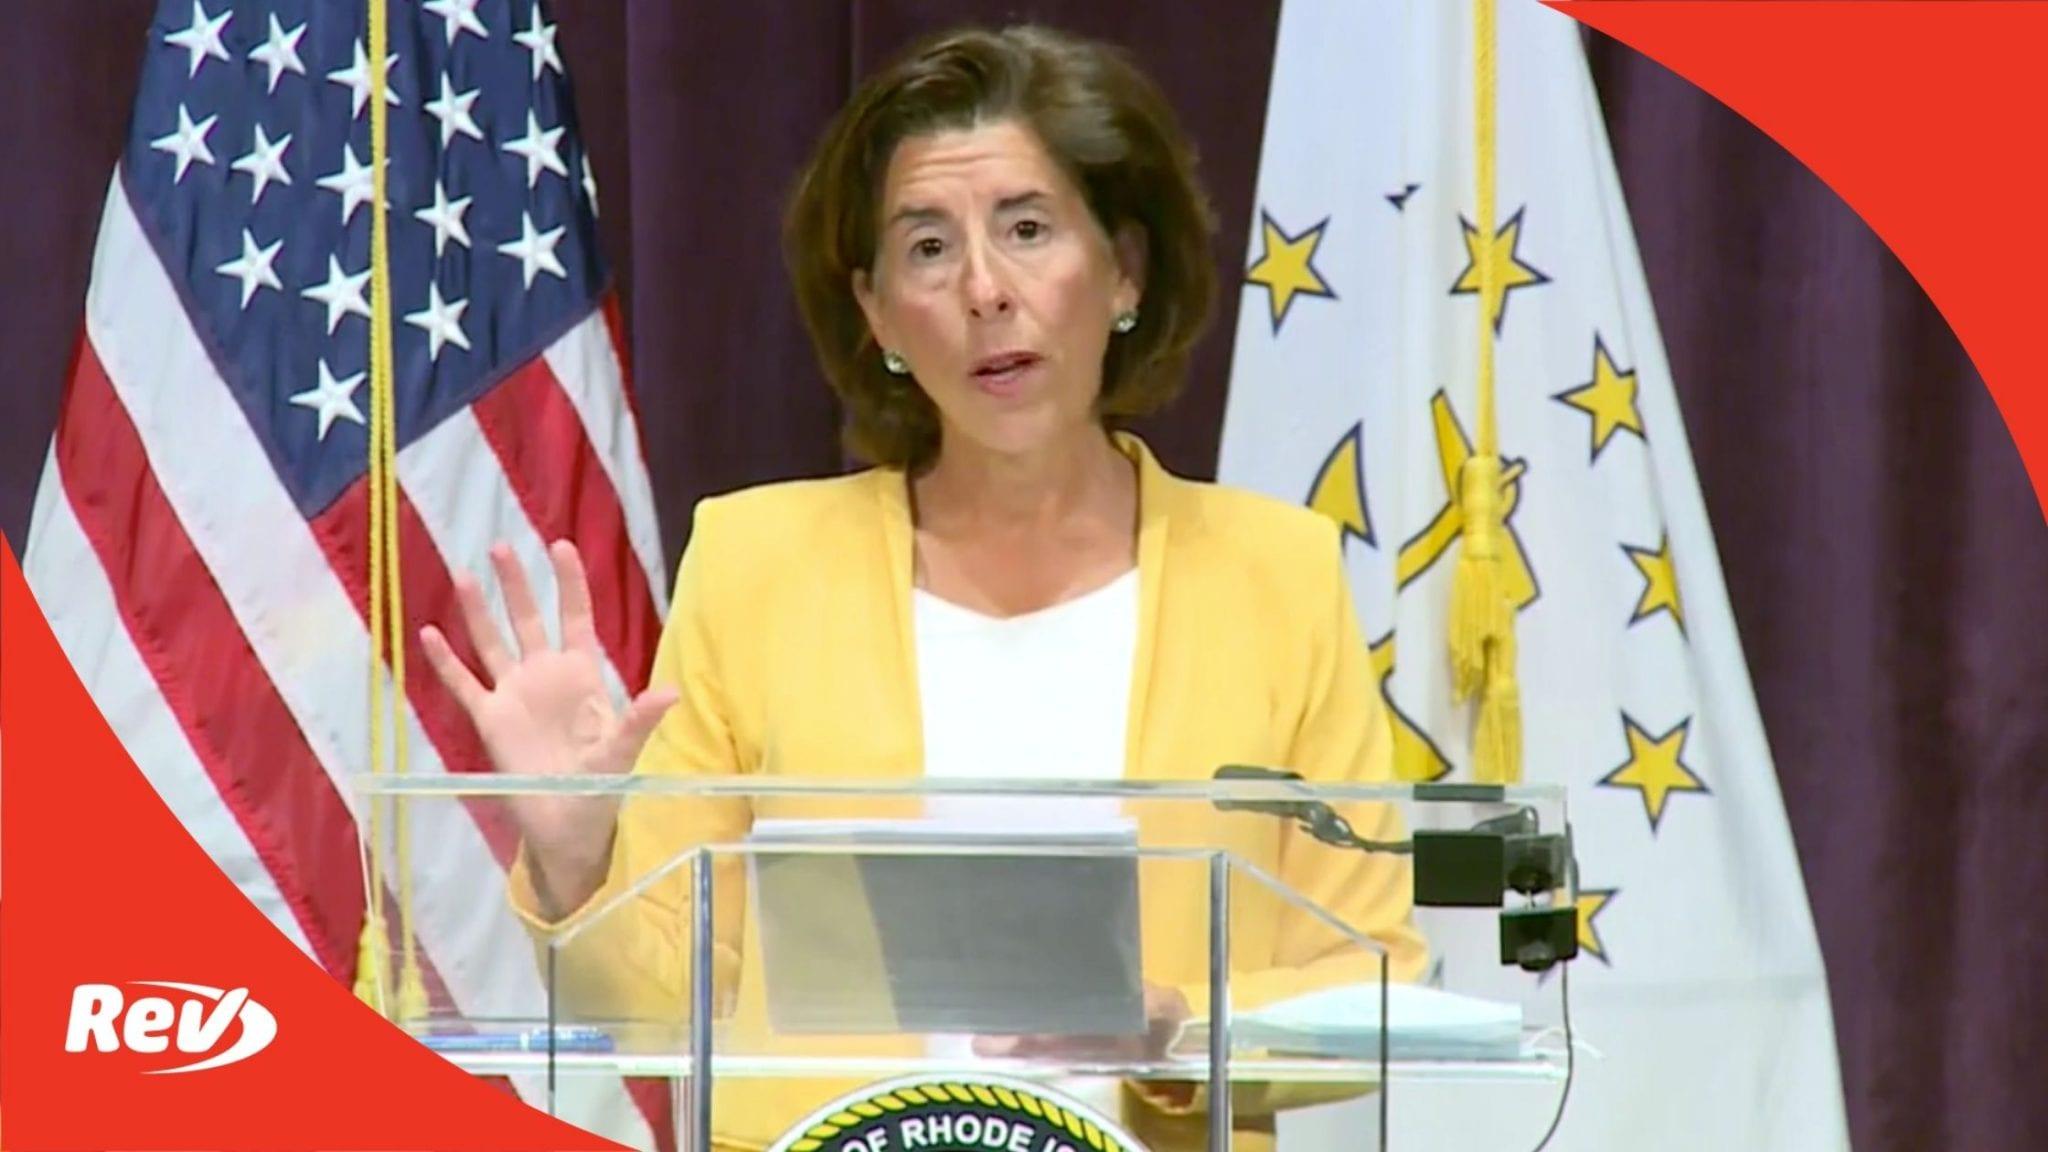 Rhode Island Gov. Gina Raimondo Press Conference Transcript August 31